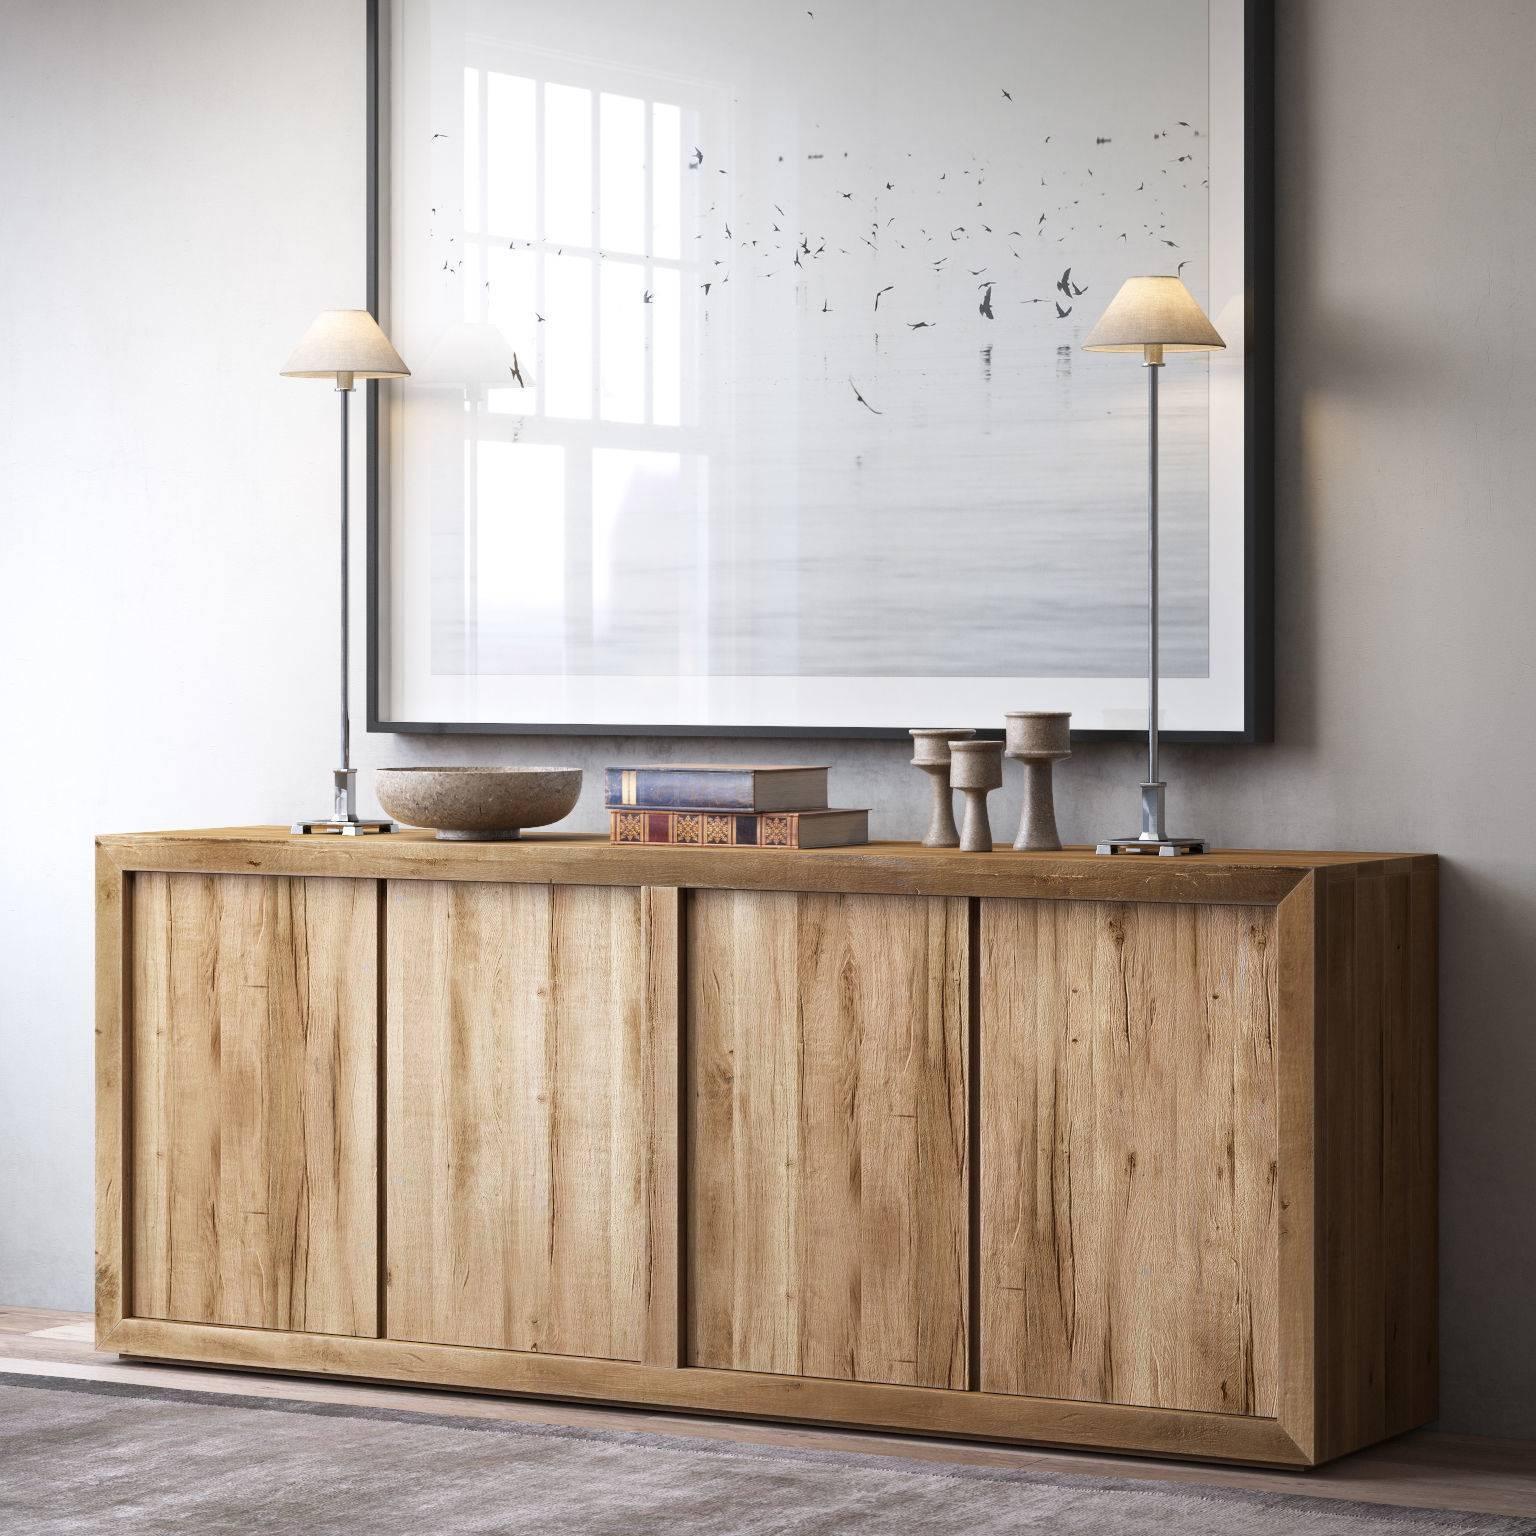 Inspiration about Reclaimed Russian Oak Panel 4 Door Wood Sideboard 3D Model Max Obj Regarding Reclaimed Oak Sideboards (#9 of 15)